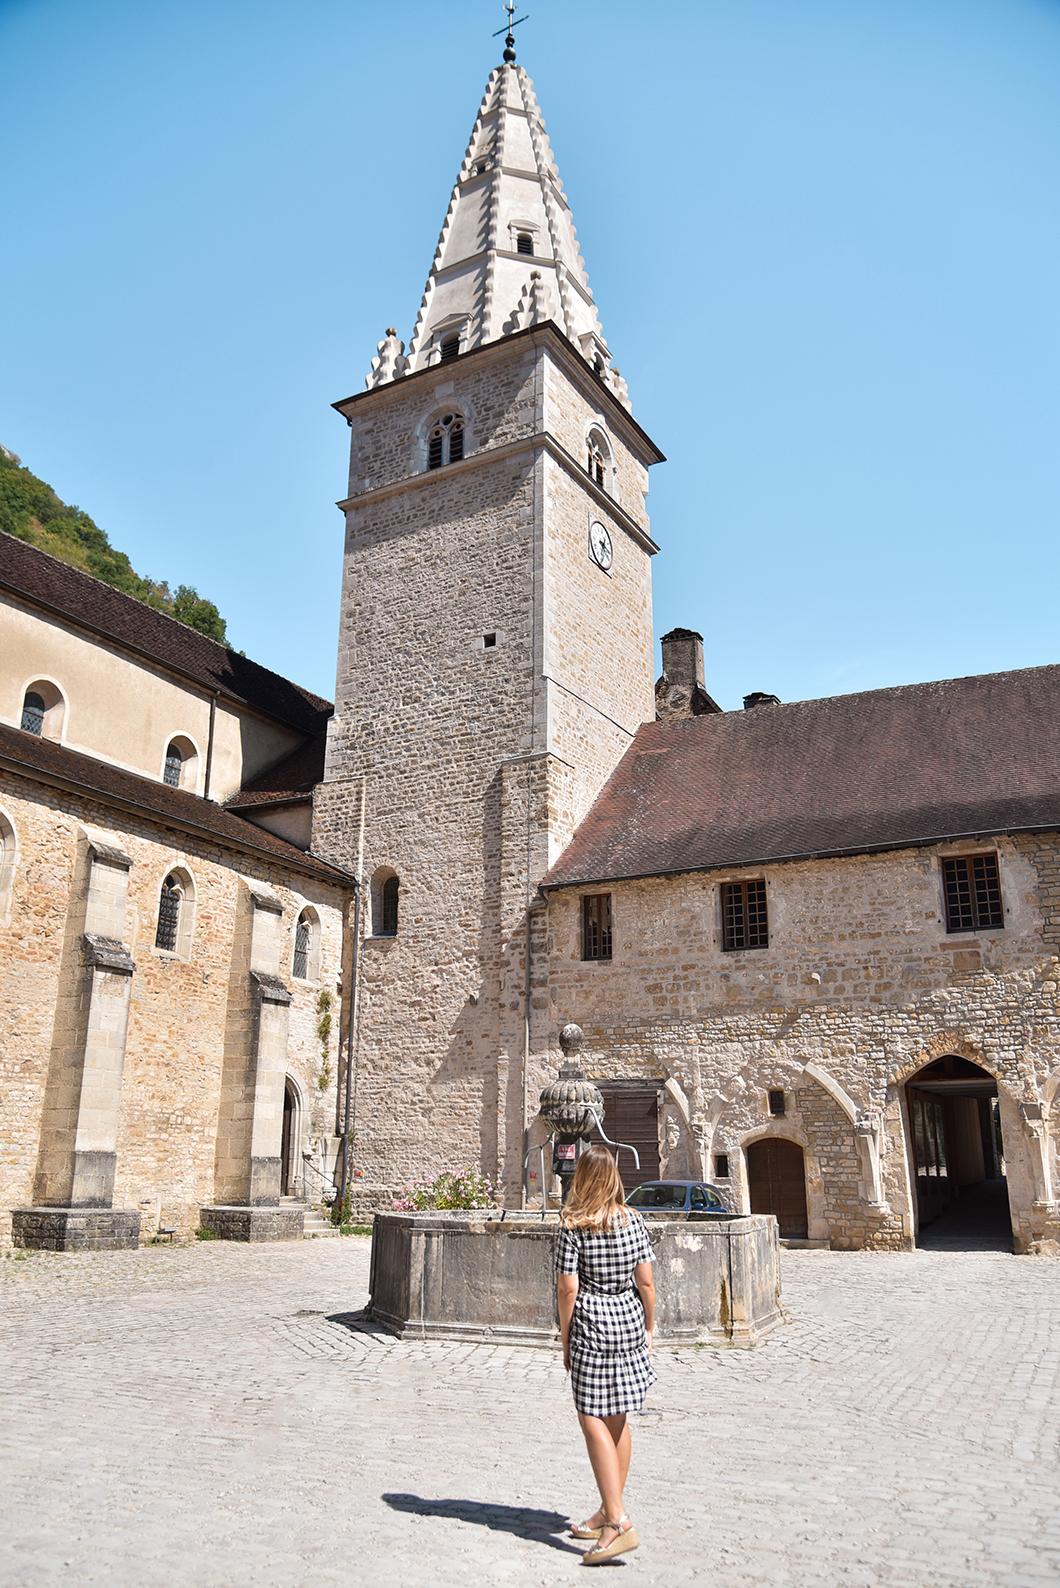 Découvrir l'Abbaye Impériale, Incontournables à visiter à Baume-les-Messieurs